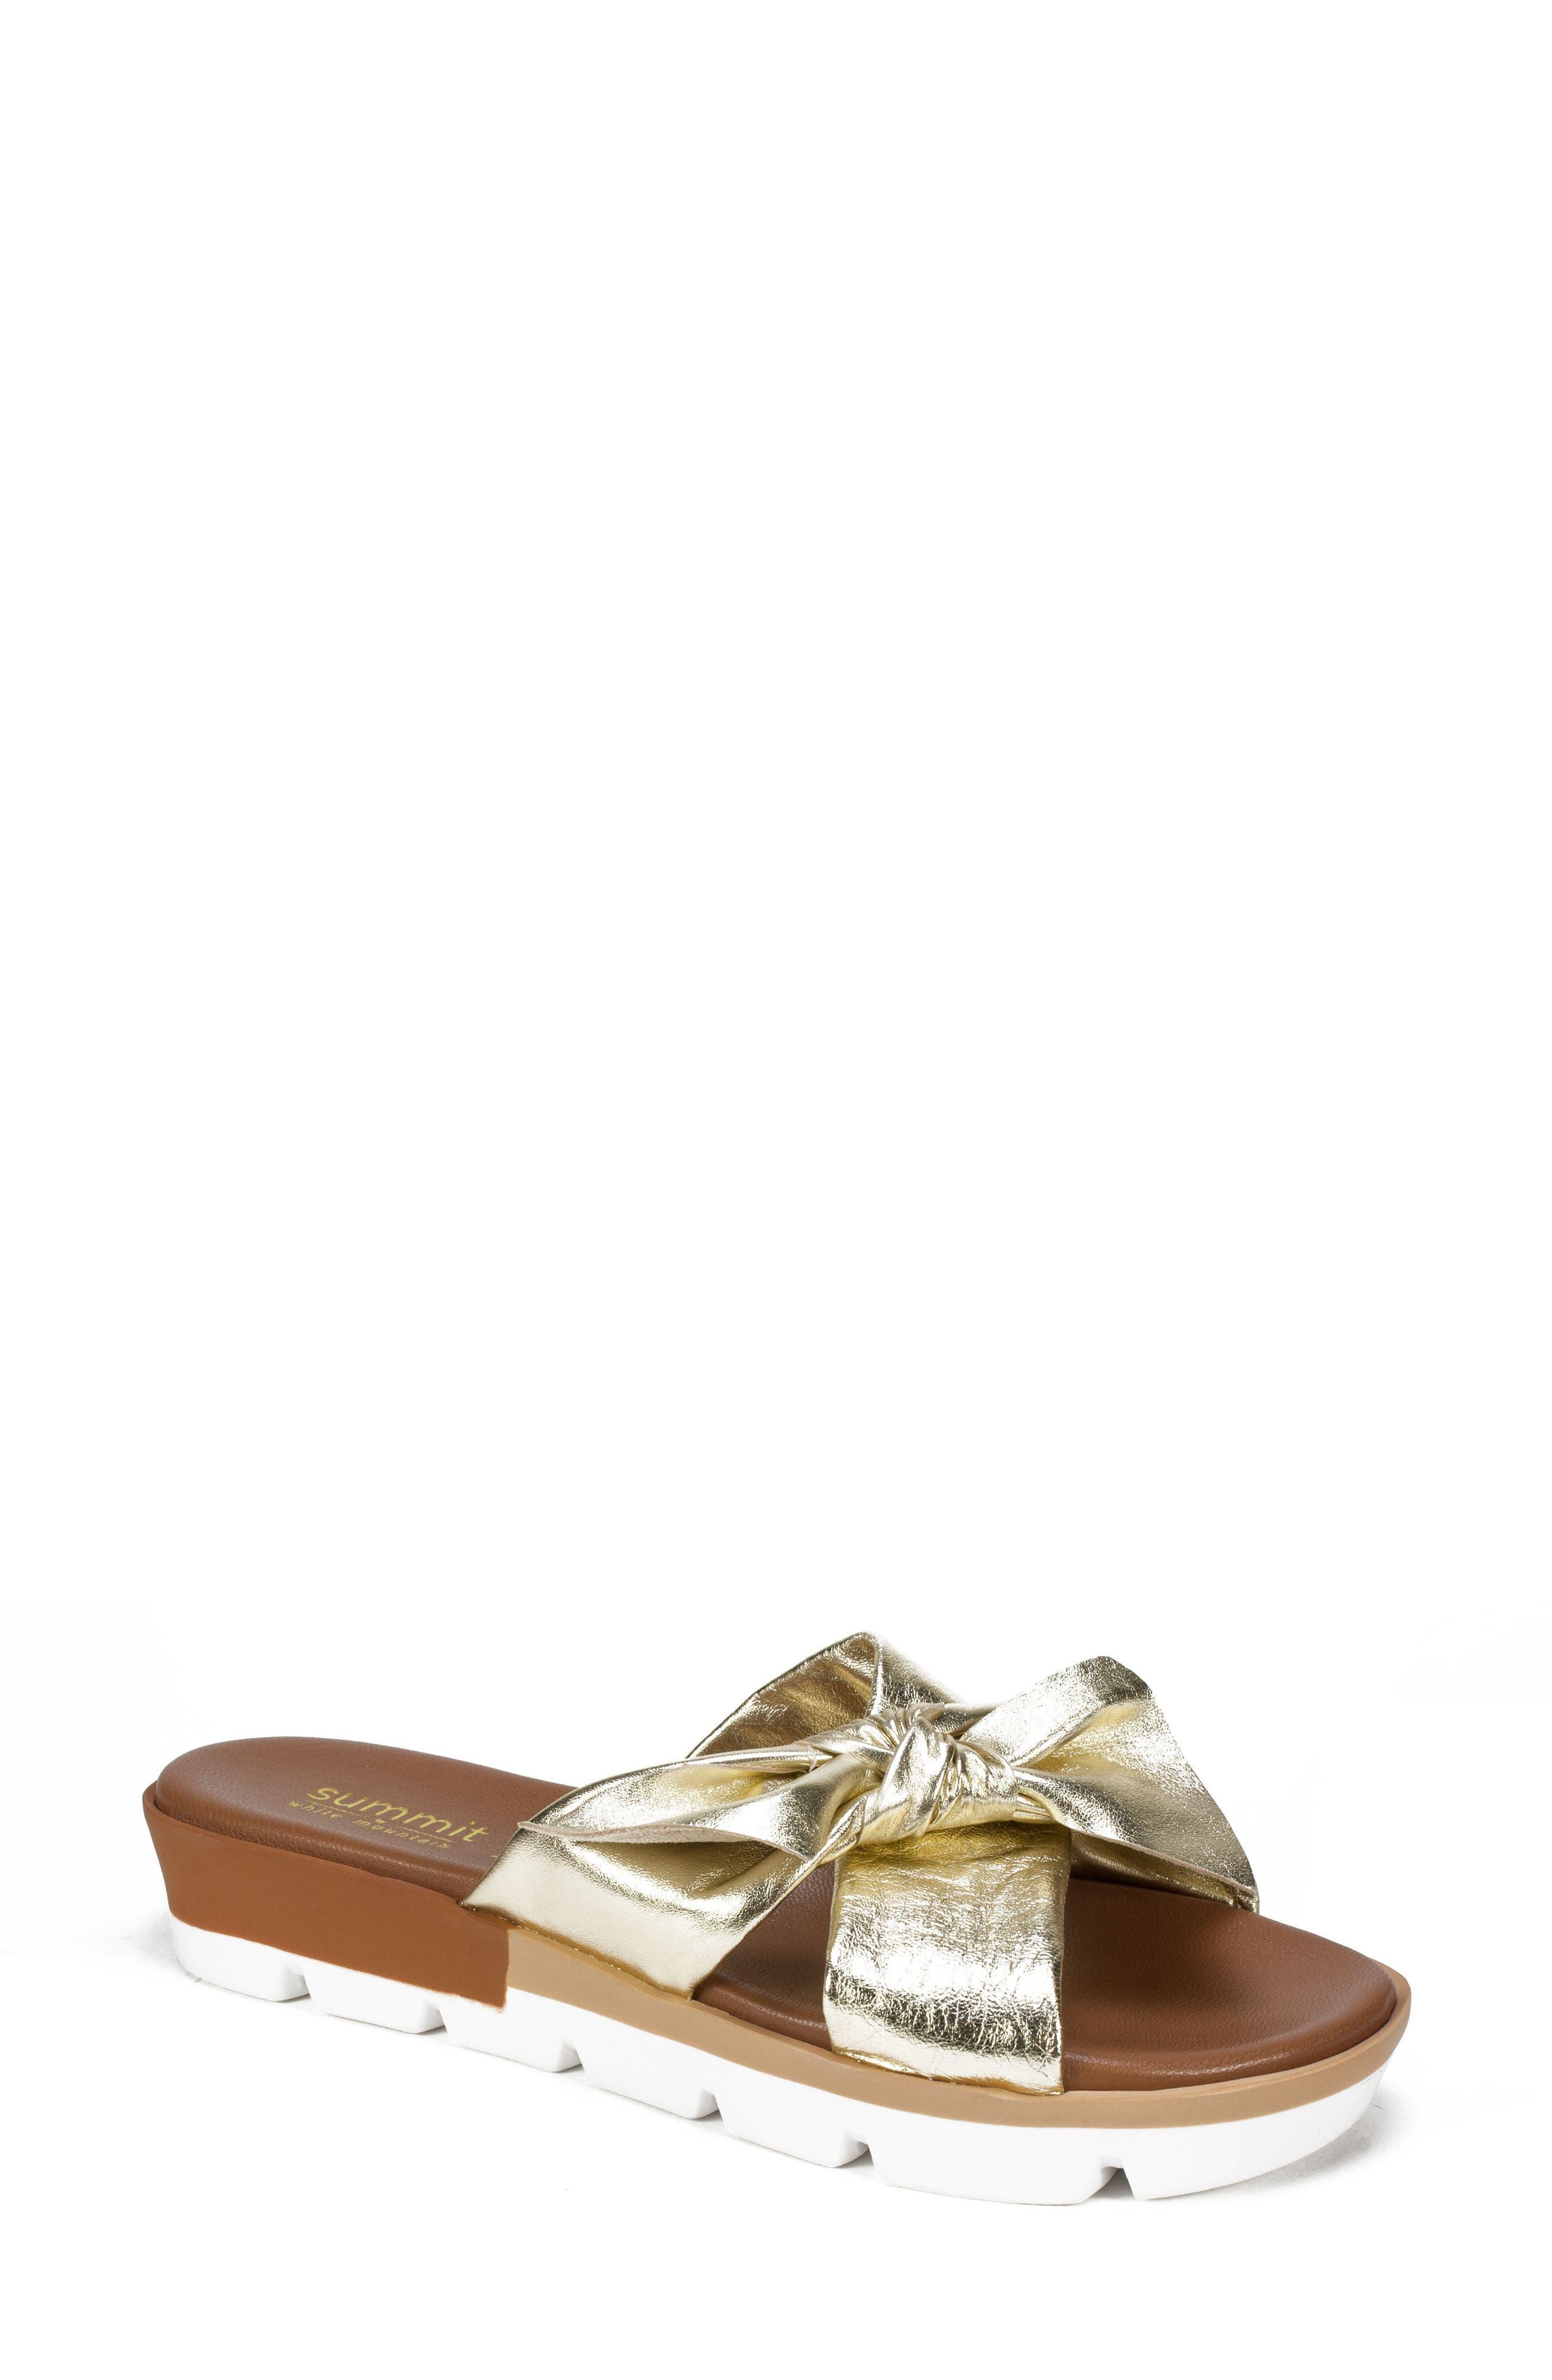 Fynn Slide Sandal,                         Main,                         color, PLATINUM LEATHER